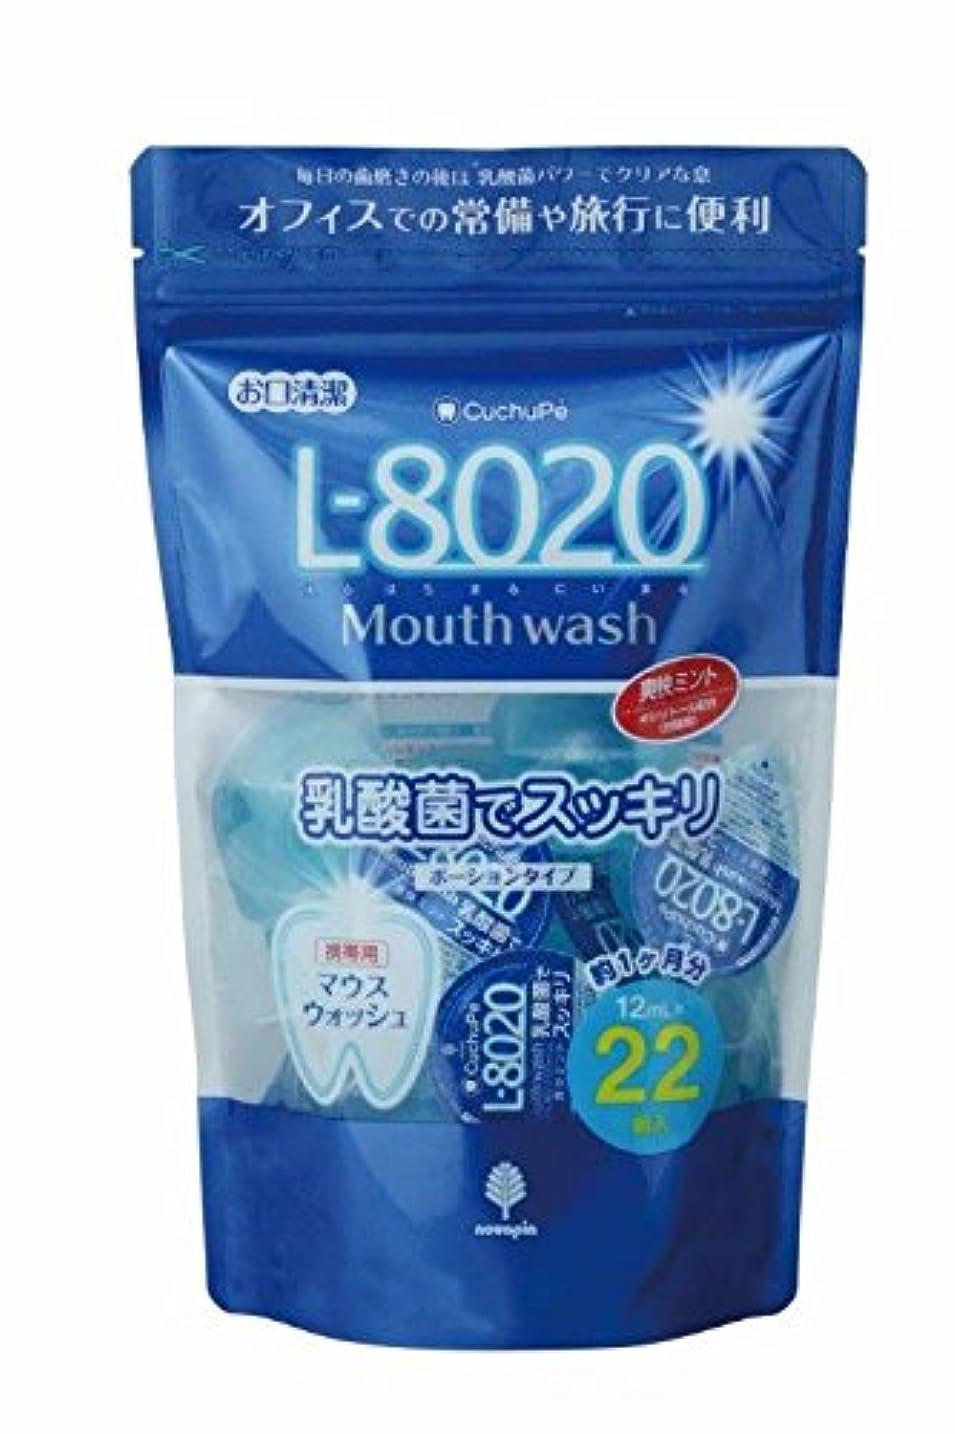 コンベンション非常に過ち紀陽除虫菊 マウスウォッシュ クチュッペ L-8020 爽快ミント ポーション 22個入